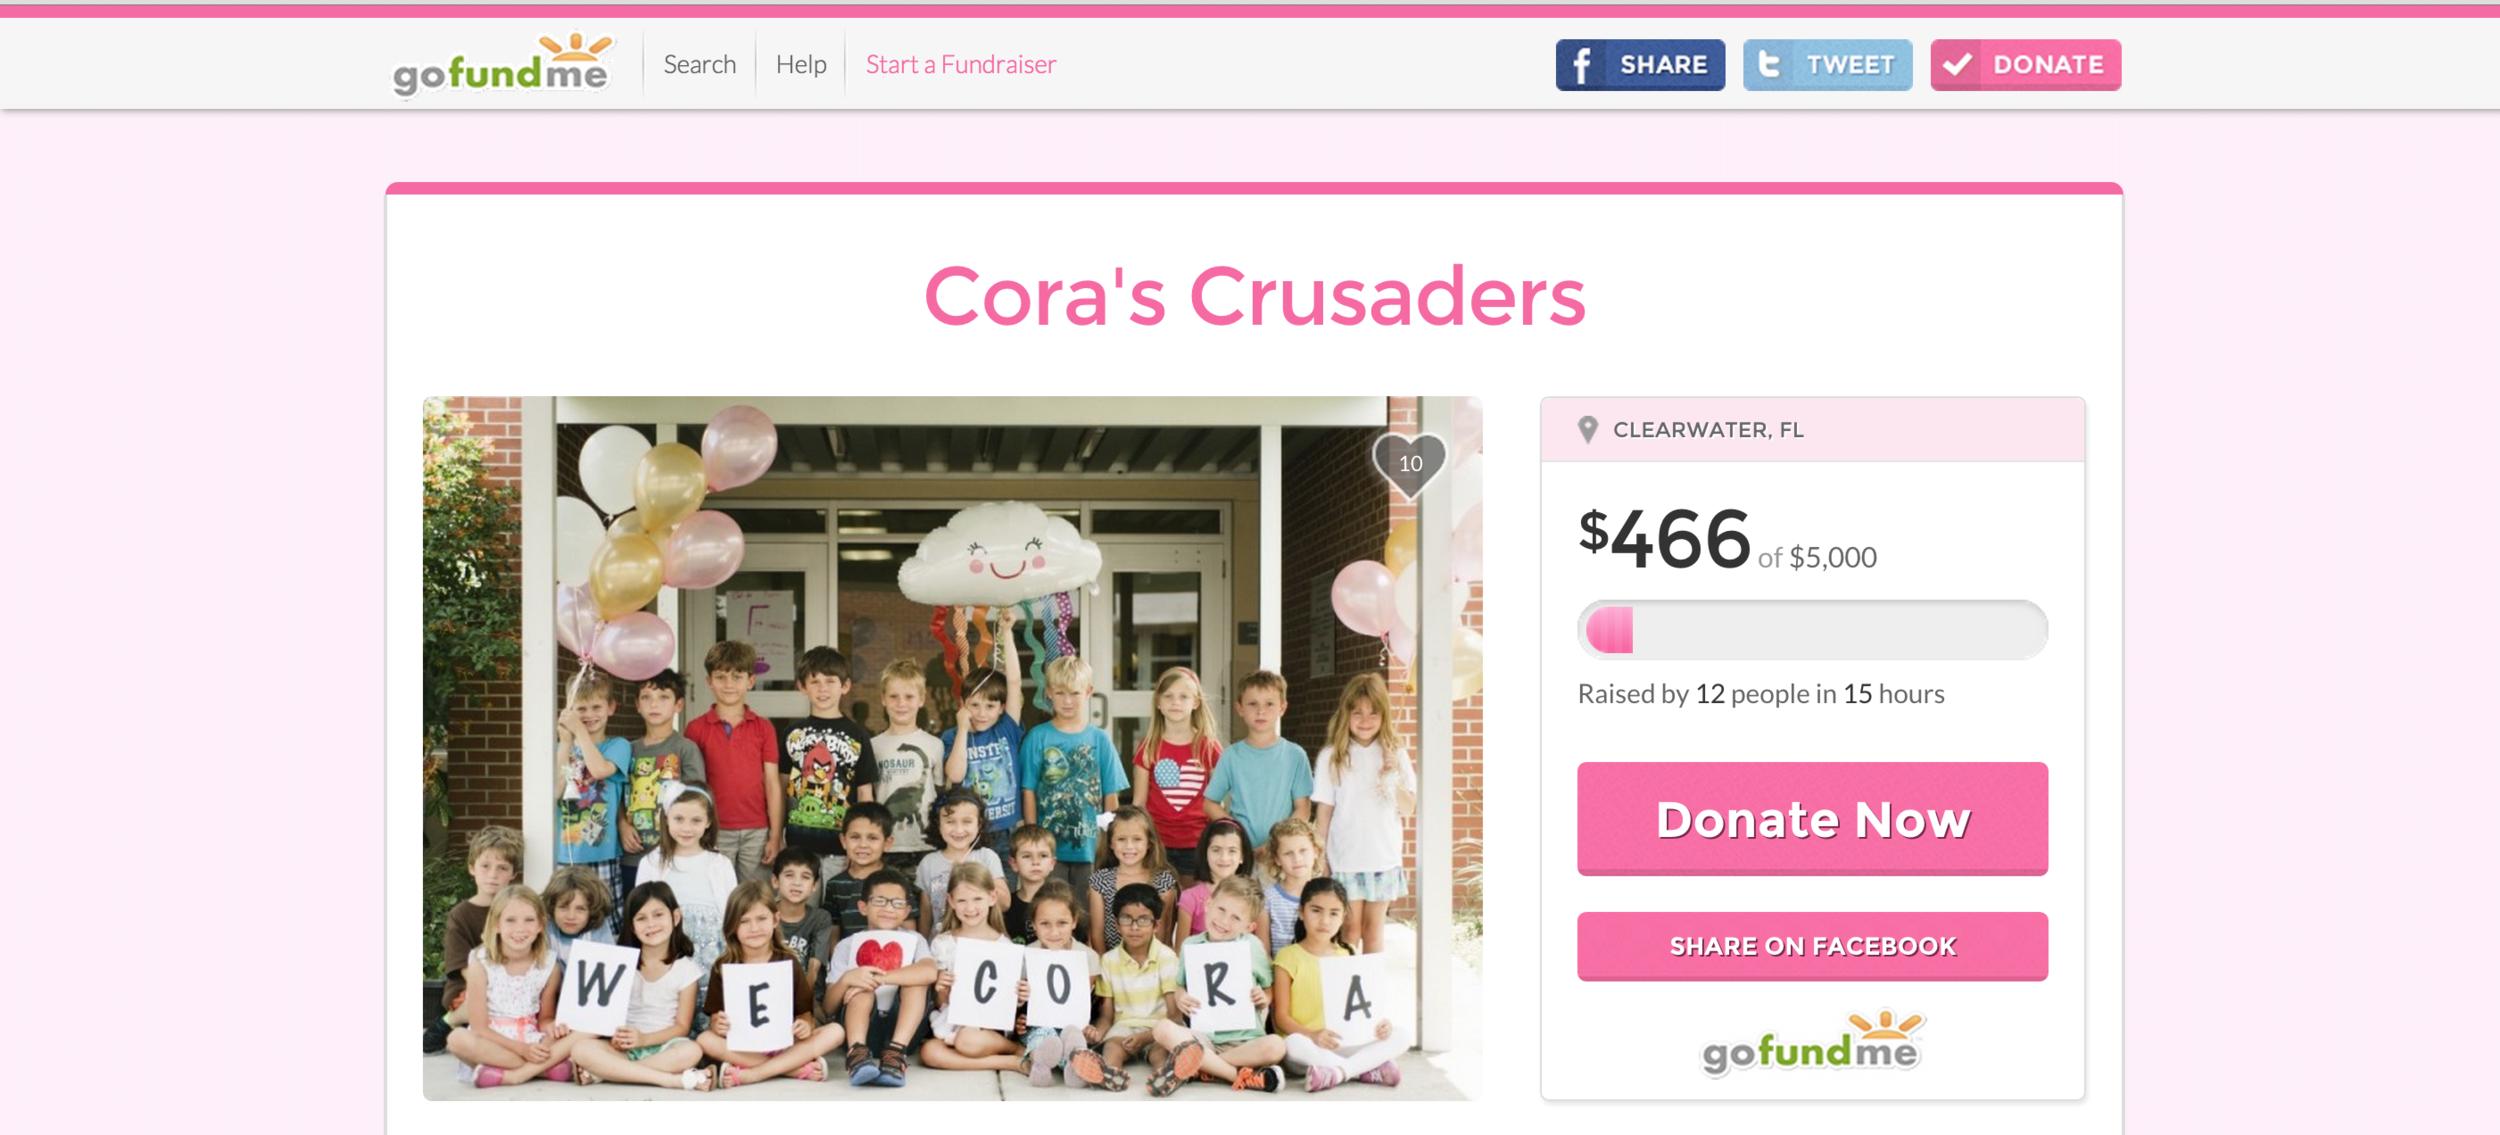 Cora's Crusaders